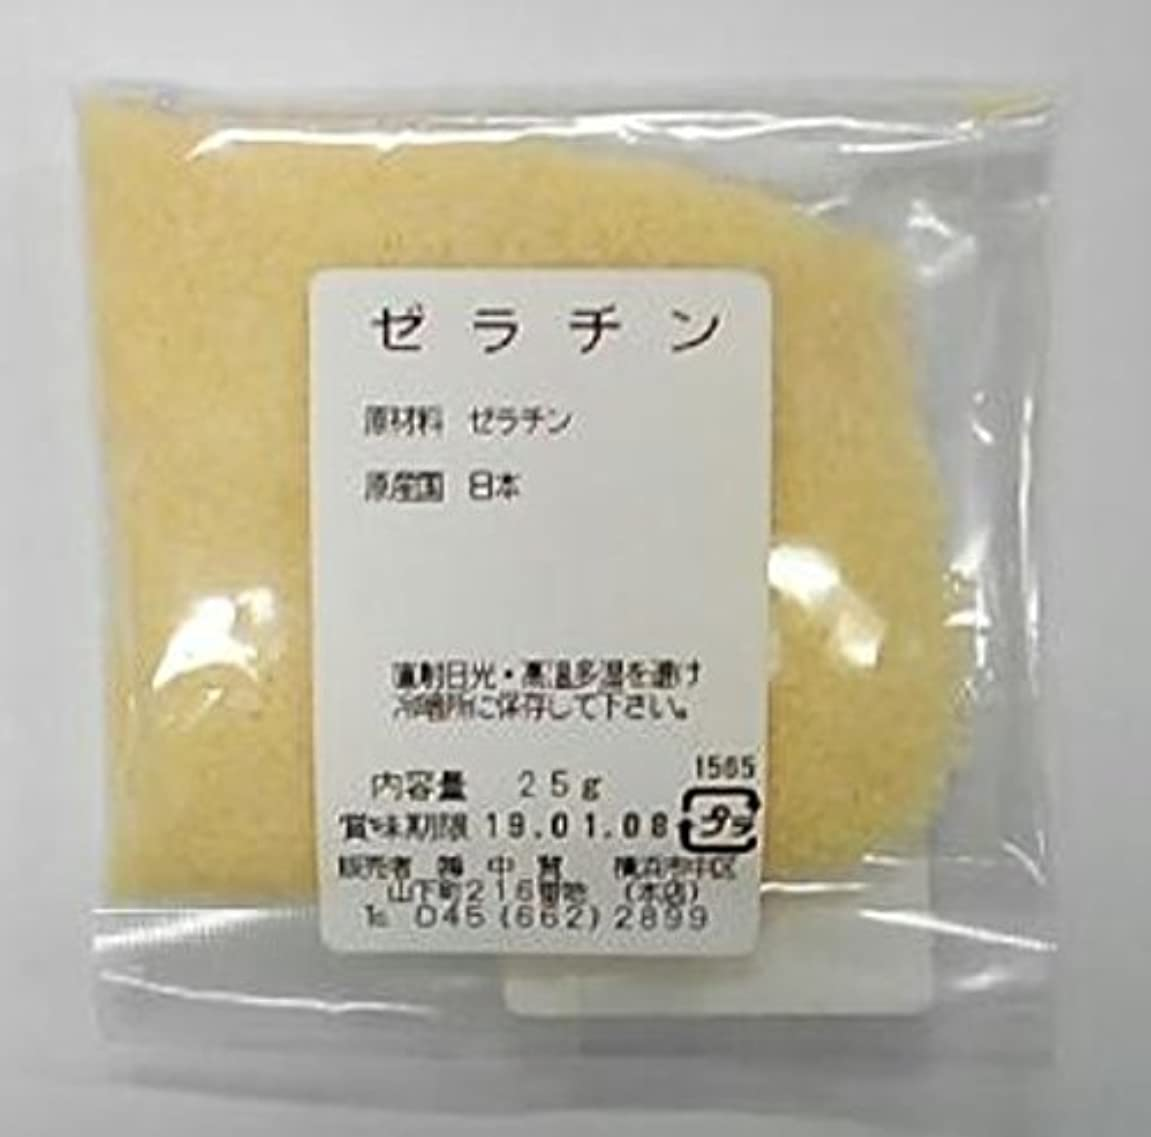 バッジチート爬虫類横浜中華街の味が自宅で! ゼラチン 25g、ちょっと使うならのサイズ、使い切る?